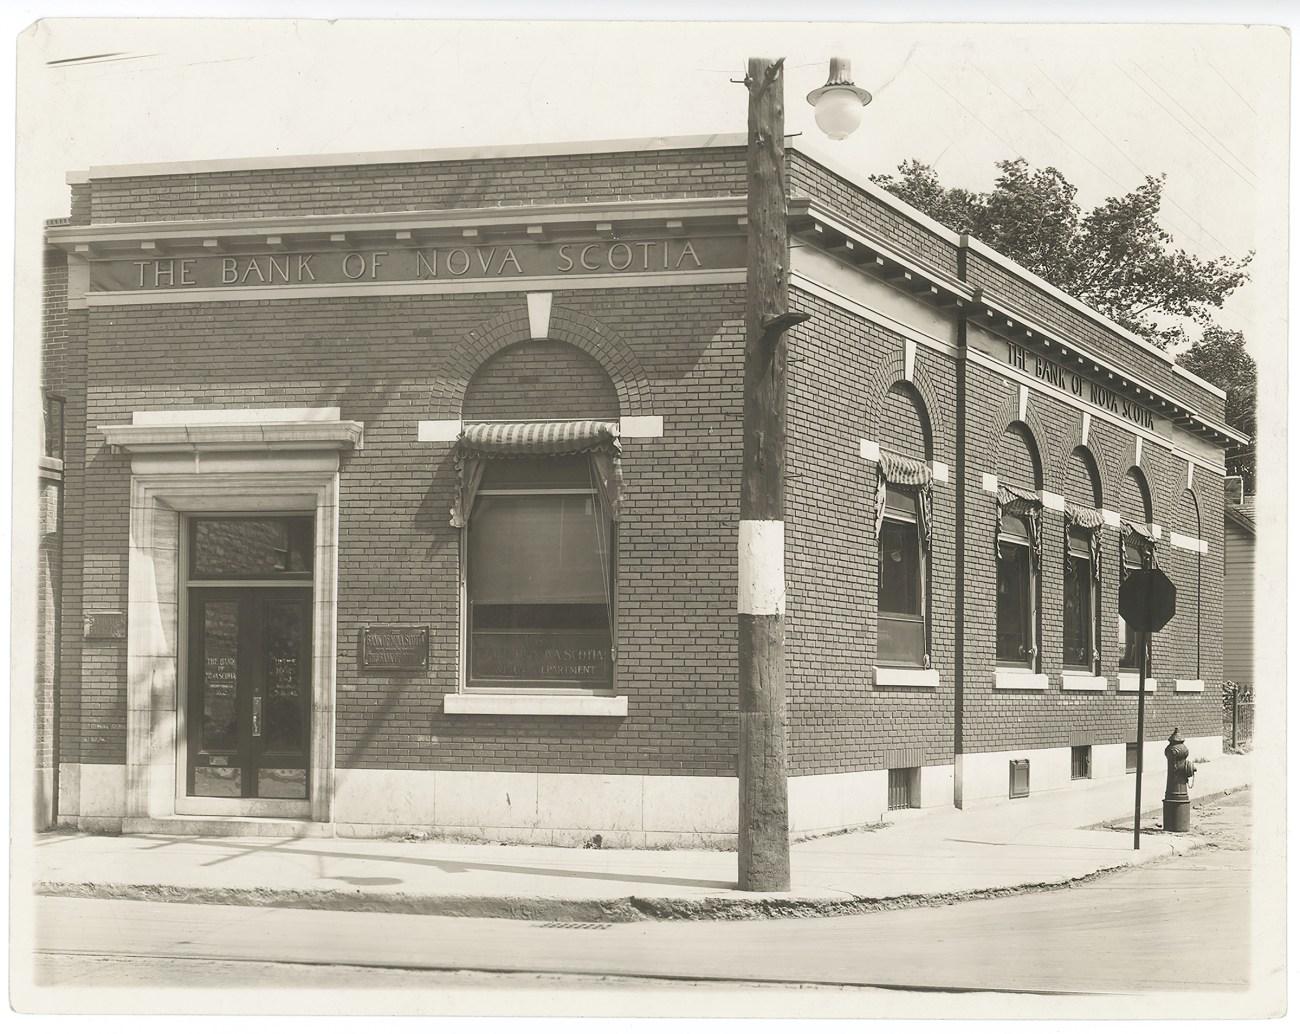 Bank of Nova Scotia building